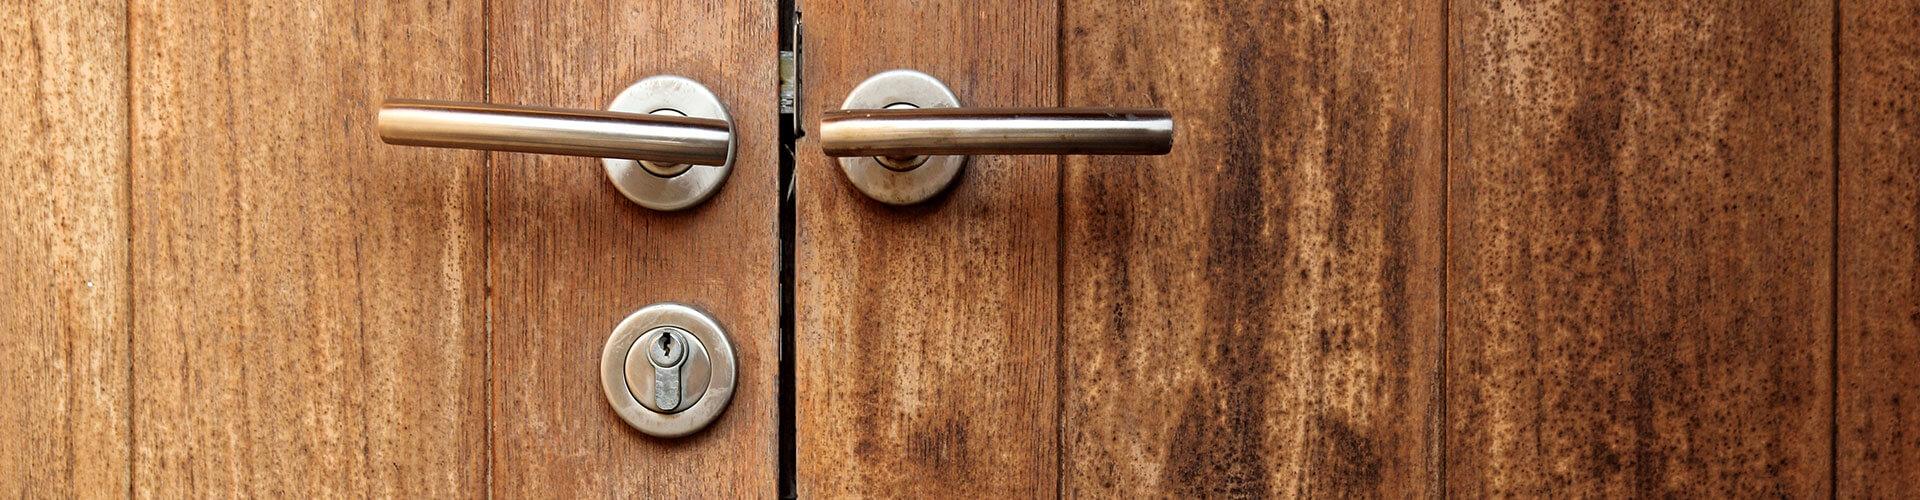 האיכות בדלתות